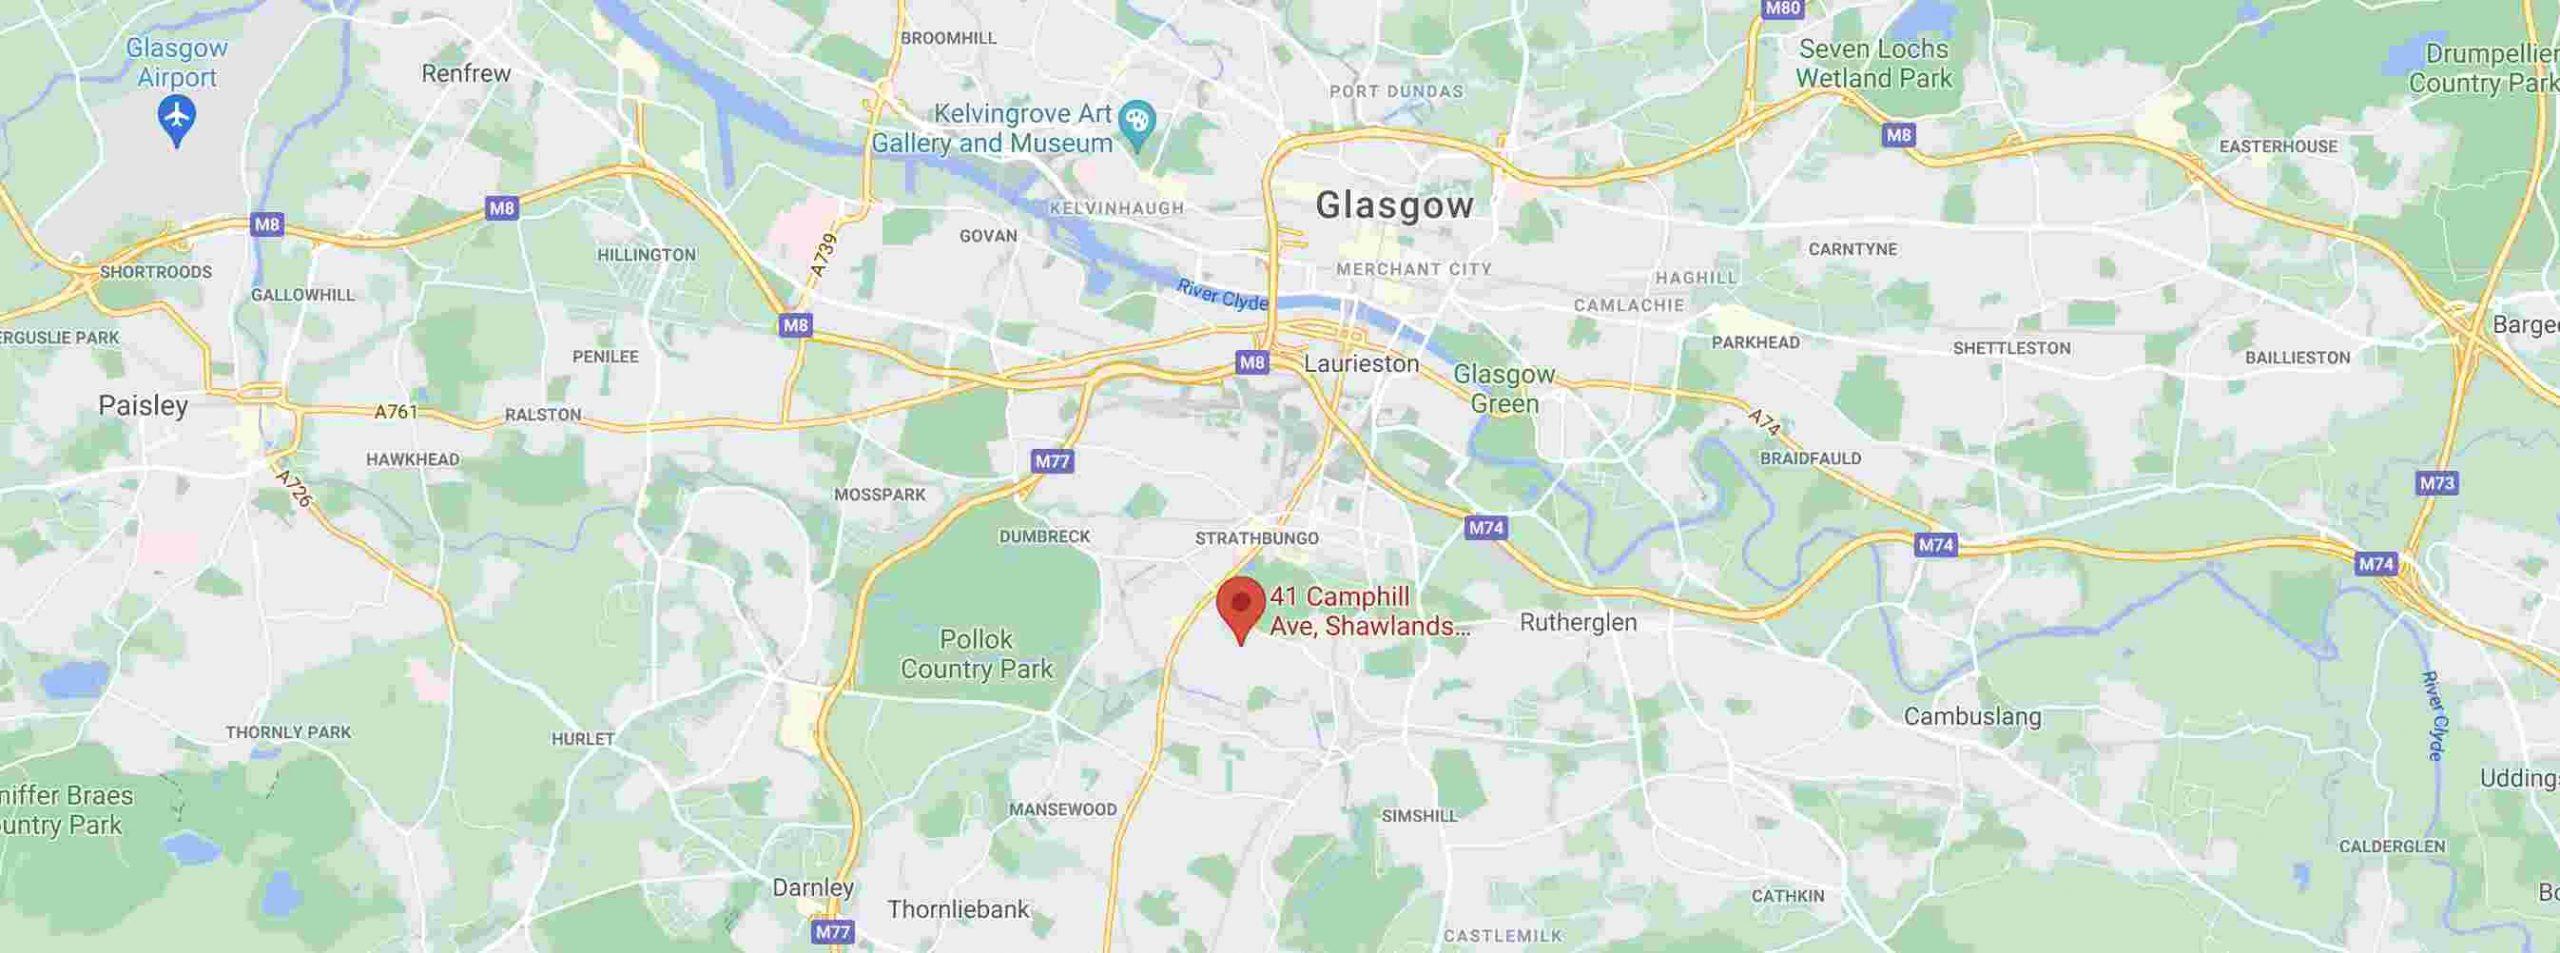 KJ Watson Joinery Location